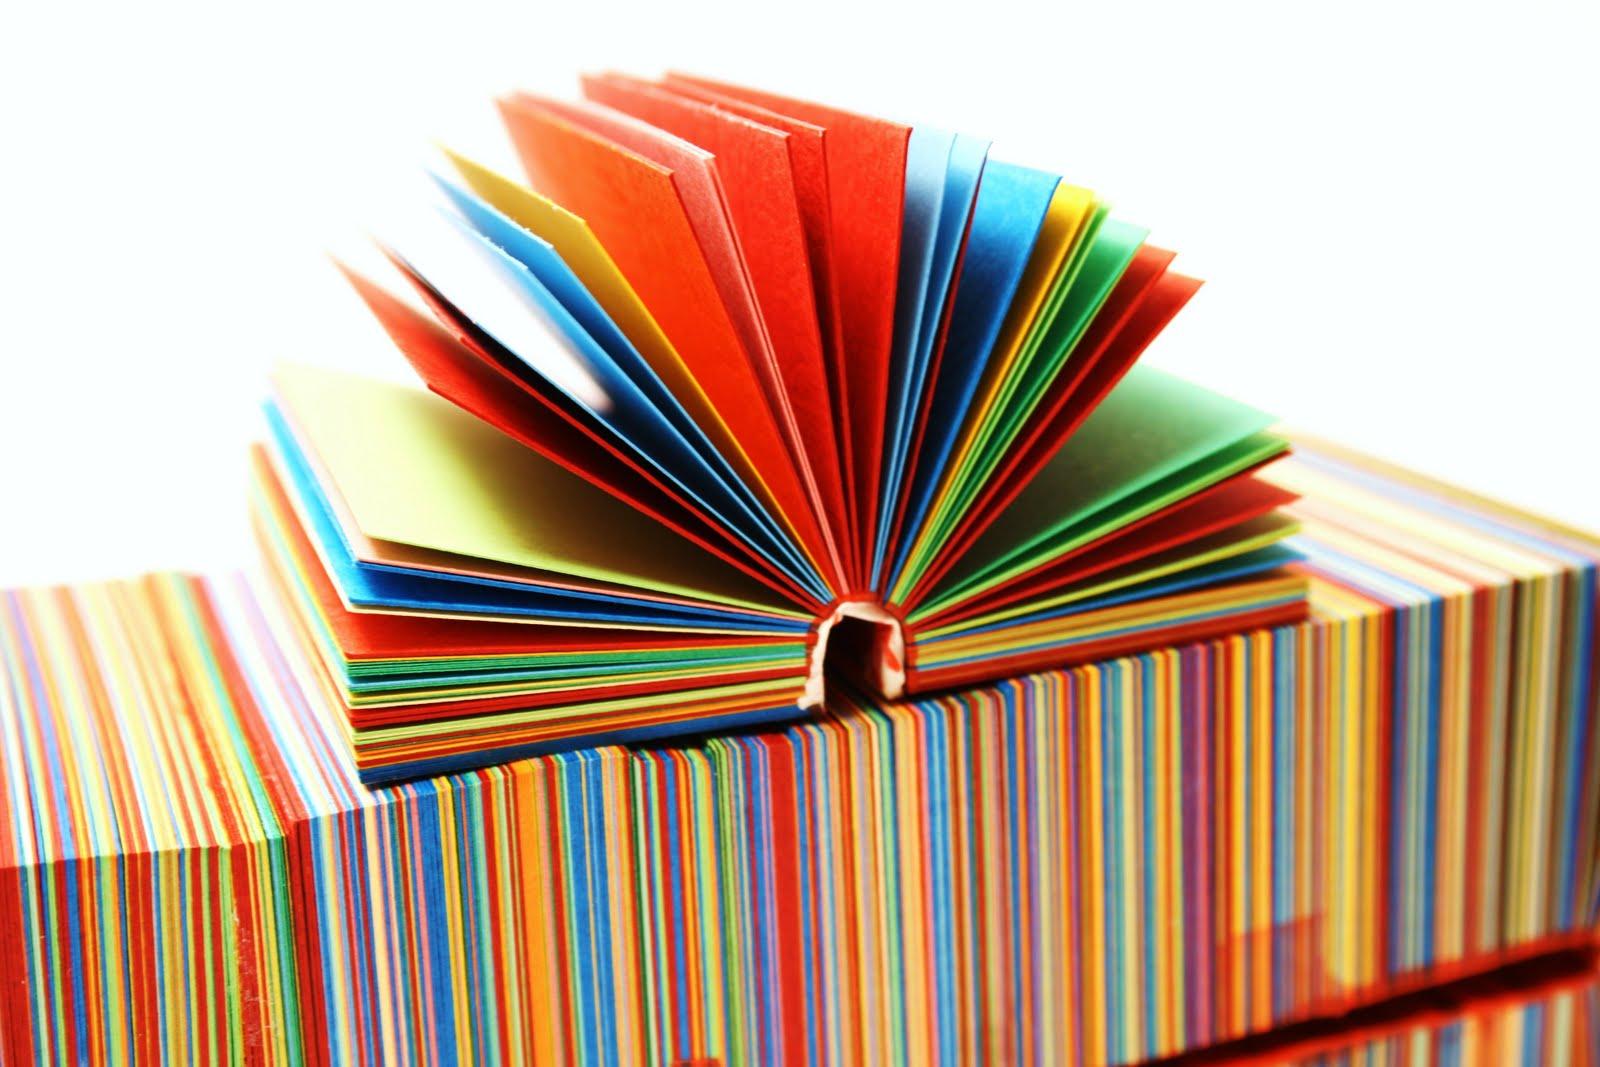 Revista digital el recreo el cuento como recurso educativo - Imagenes de librerias ...